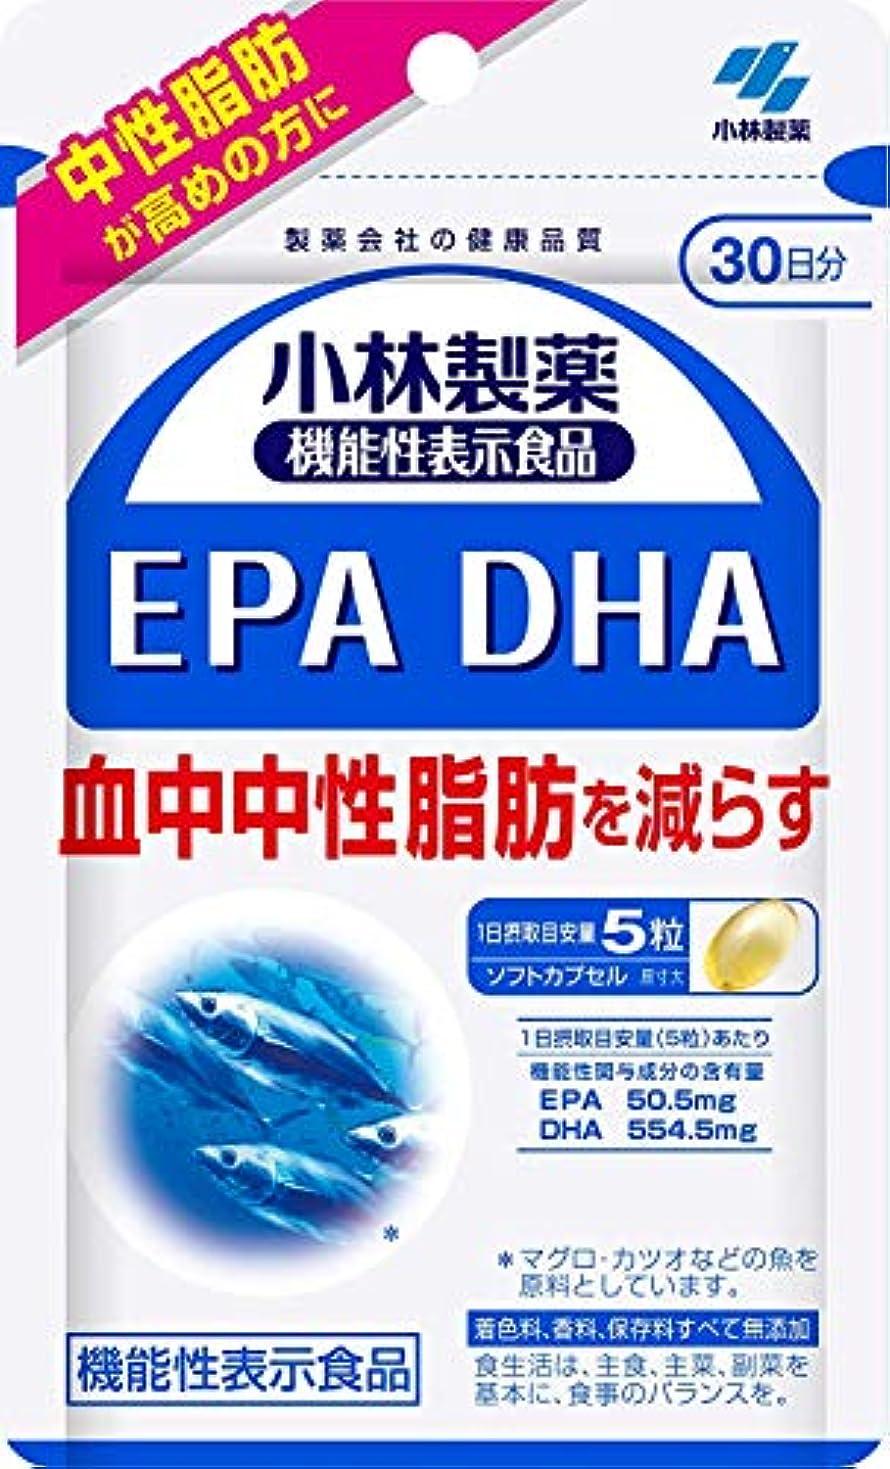 トレイル縮約敵小林製薬の栄養補助食品 EPA DHA (約30日分 150粒)×3個セット